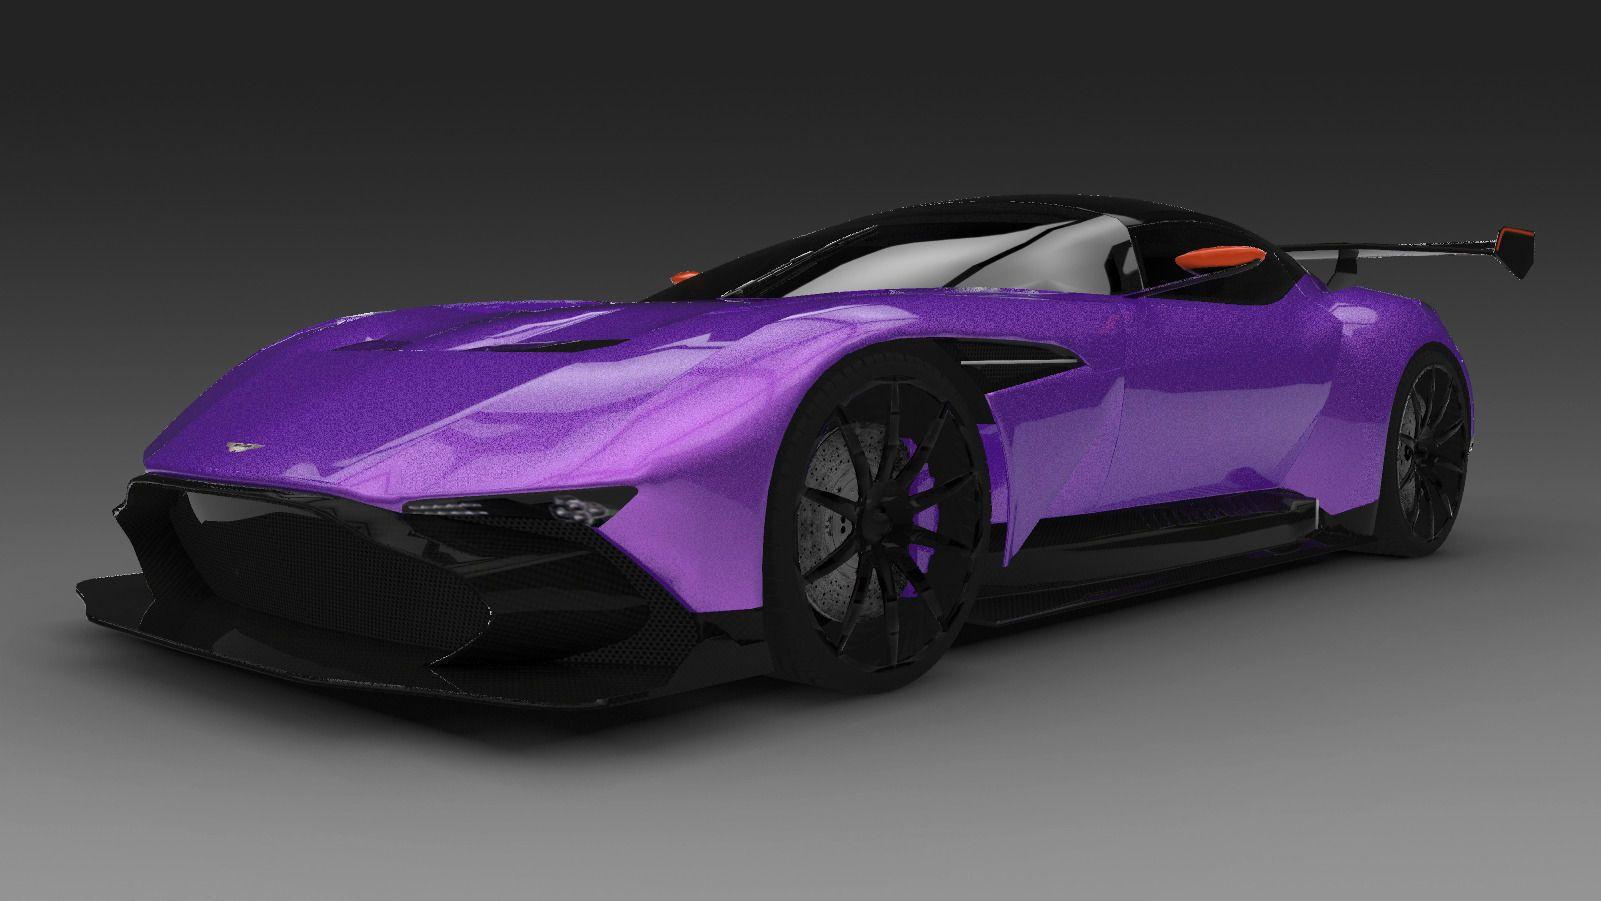 2016 Aston Martin Vulcan 3d Model Obj 3ds Fbx C4d Dae Aston Martin Vulcan Aston Martin Super Cars